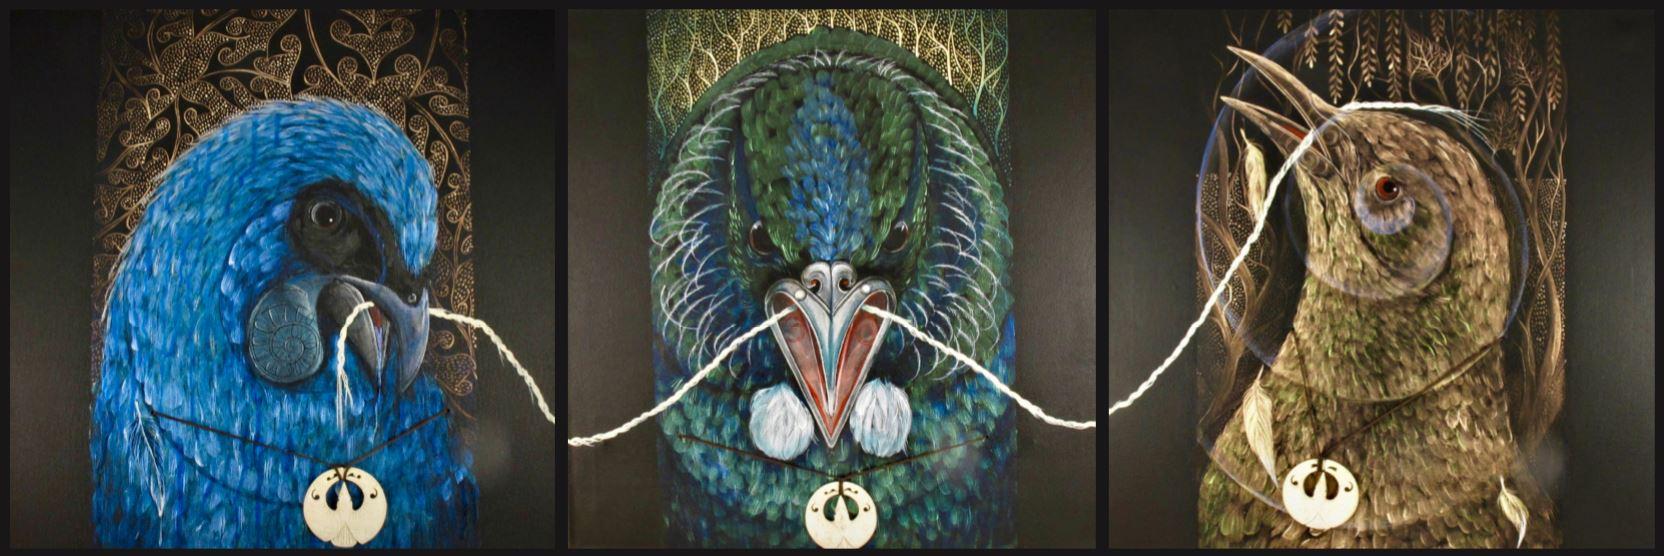 Nga Hau Ngakau Exhibit — Jade & Bone